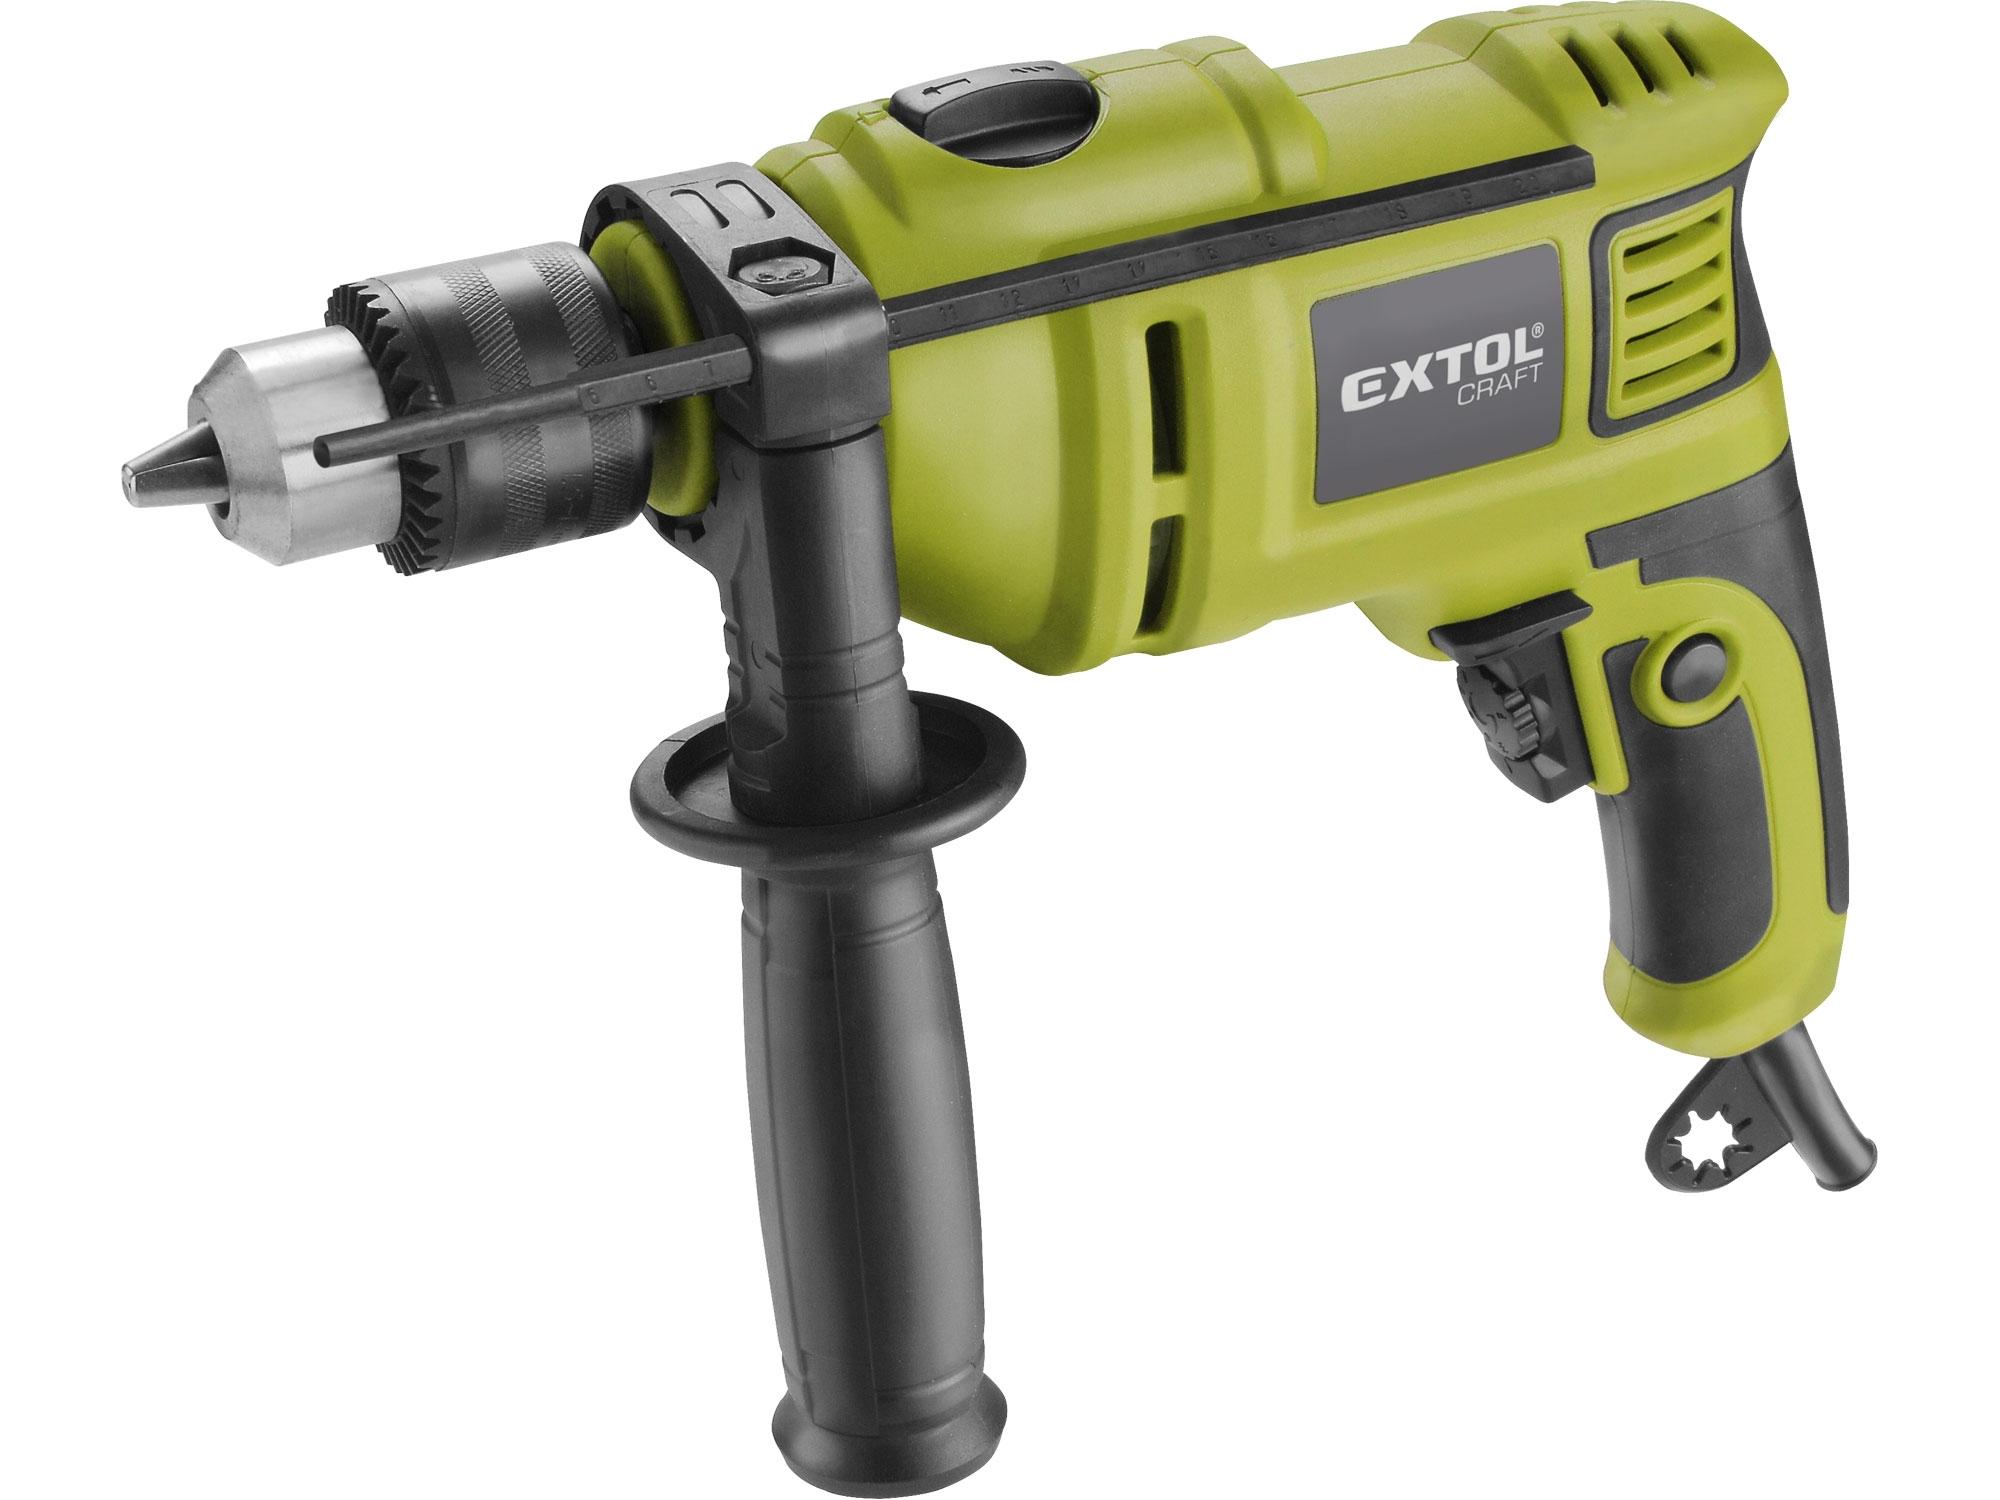 Vrtačka s příklepem 750W, EXTOL Craft 401182